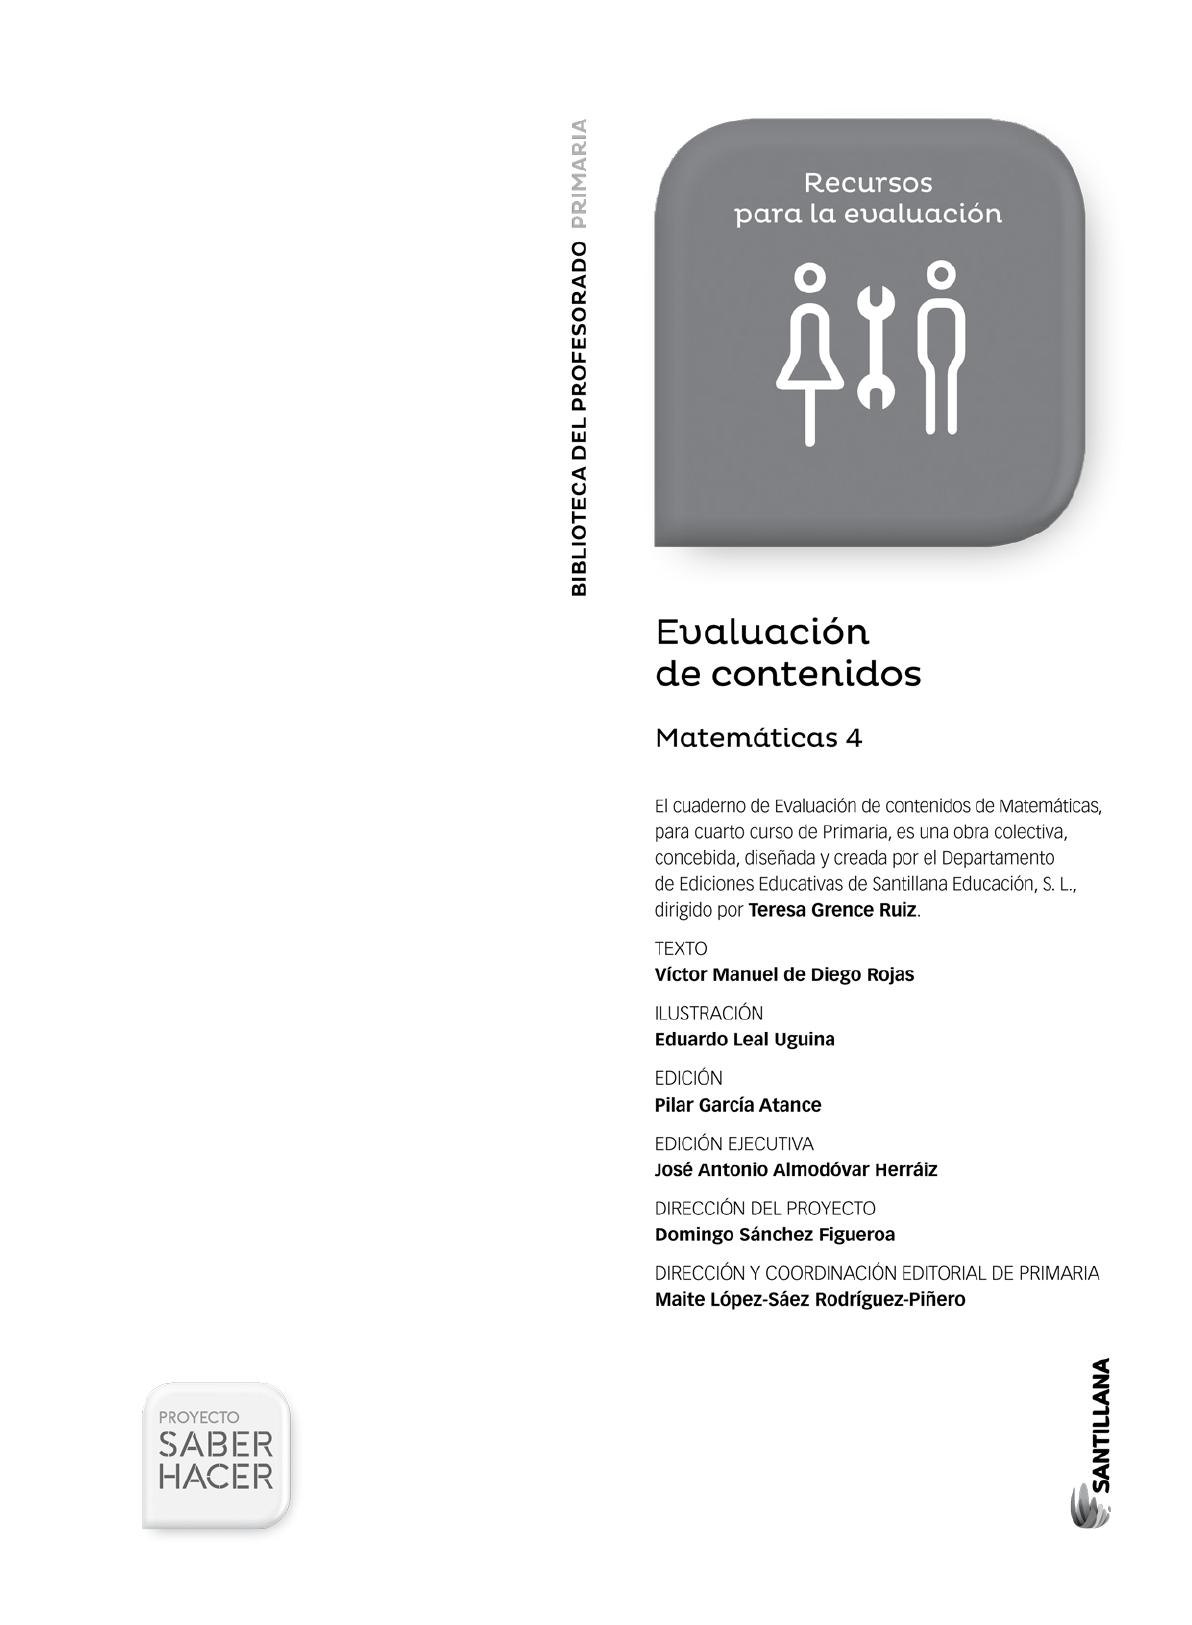 RECURSOS CIENCIAS SOCIALES Y NATURALES 1 - EE. PP. SAFA AND JAR